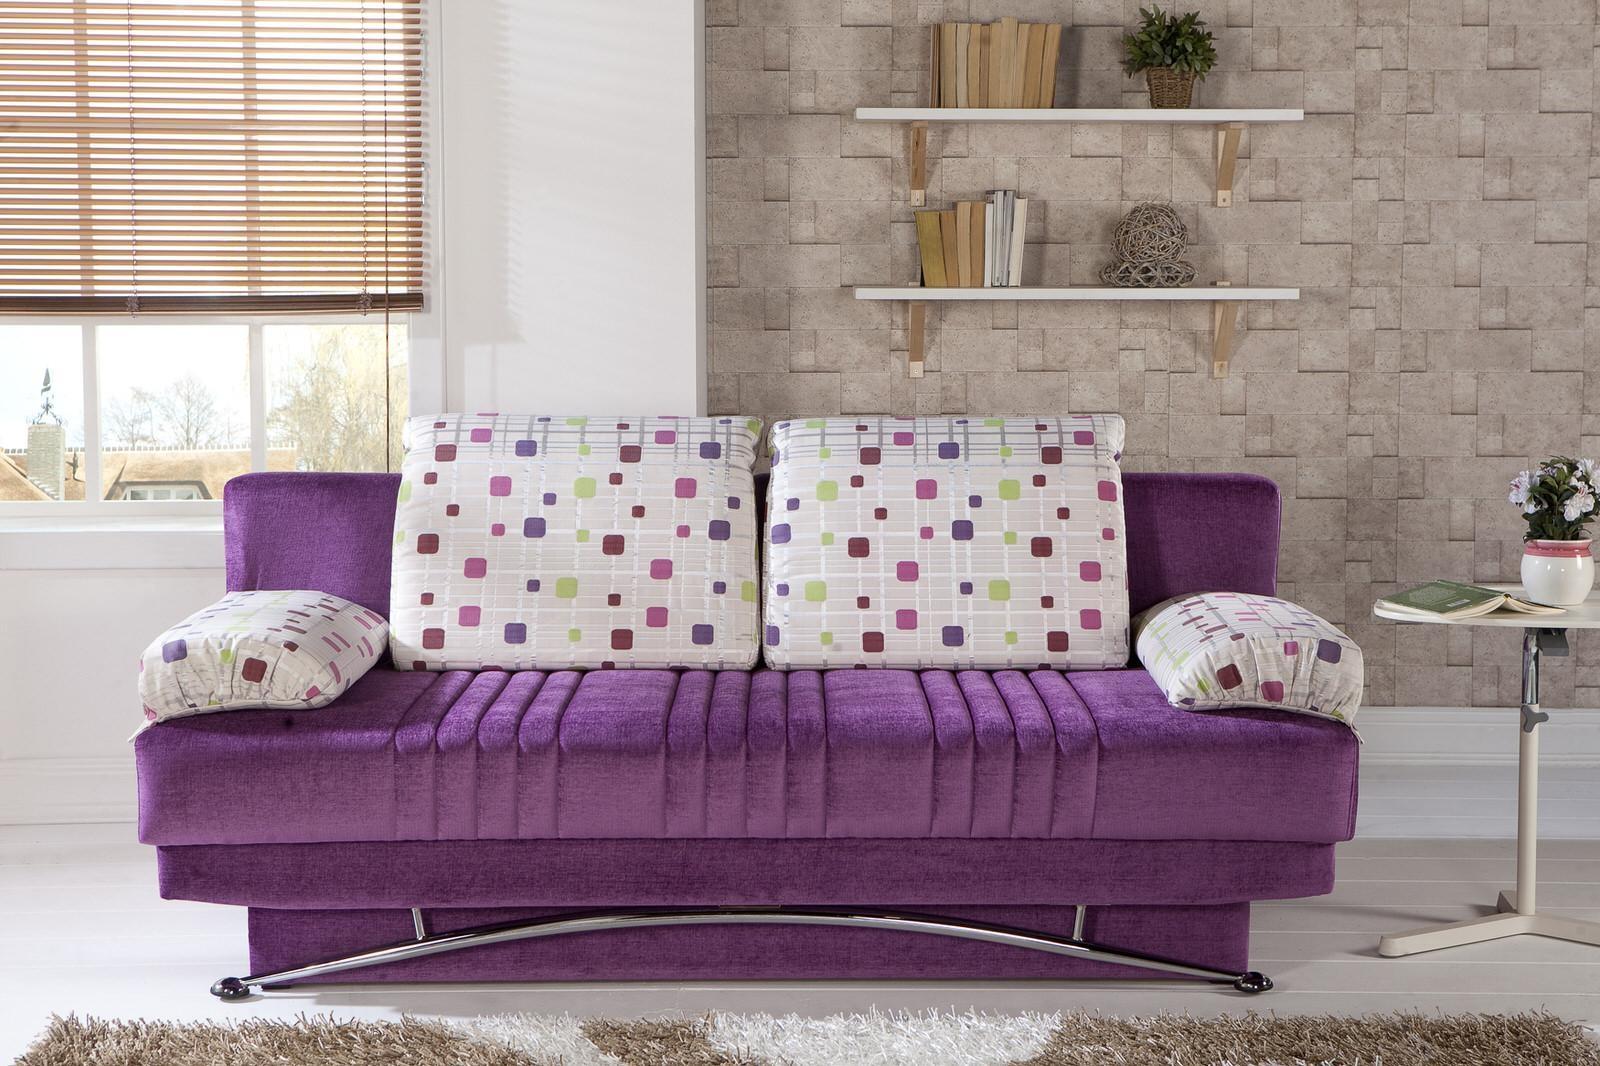 Sofas Center : Purple Comfort Mat White Marbleloor Tile Pupleabric Pertaining To Velvet Purple Sofas (Image 18 of 20)